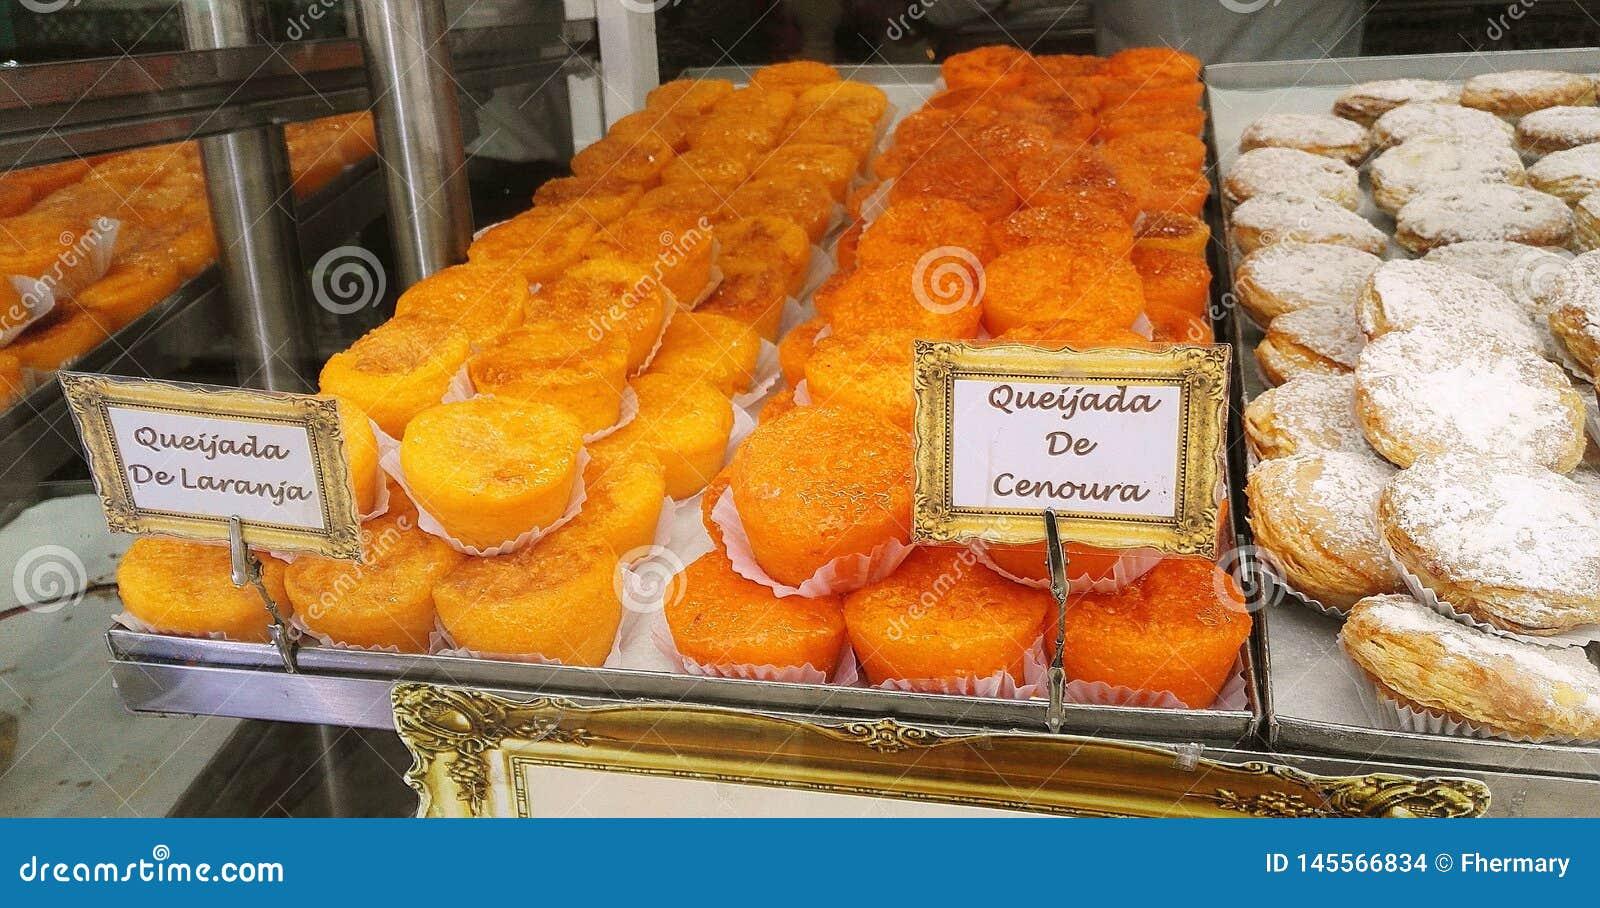 Аппетитное печенье в окне португальской пекарни в Лиссабоне